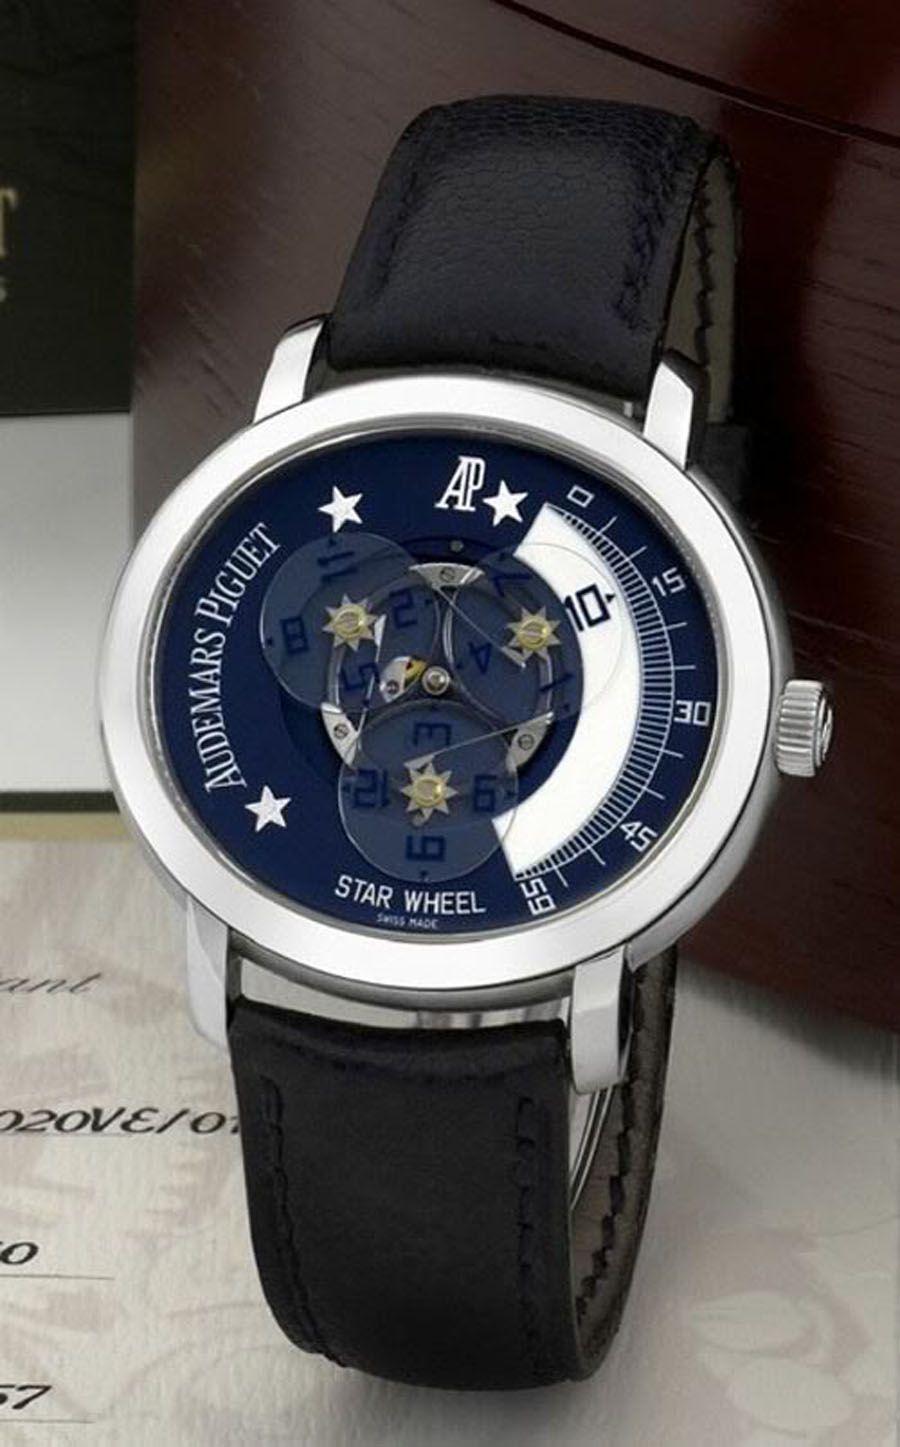 http://www.watchtime.net/nachrichten/5-uhren-die-eine-neuauflage-verdienen/attachment/audemars-piguet-star-wheel/